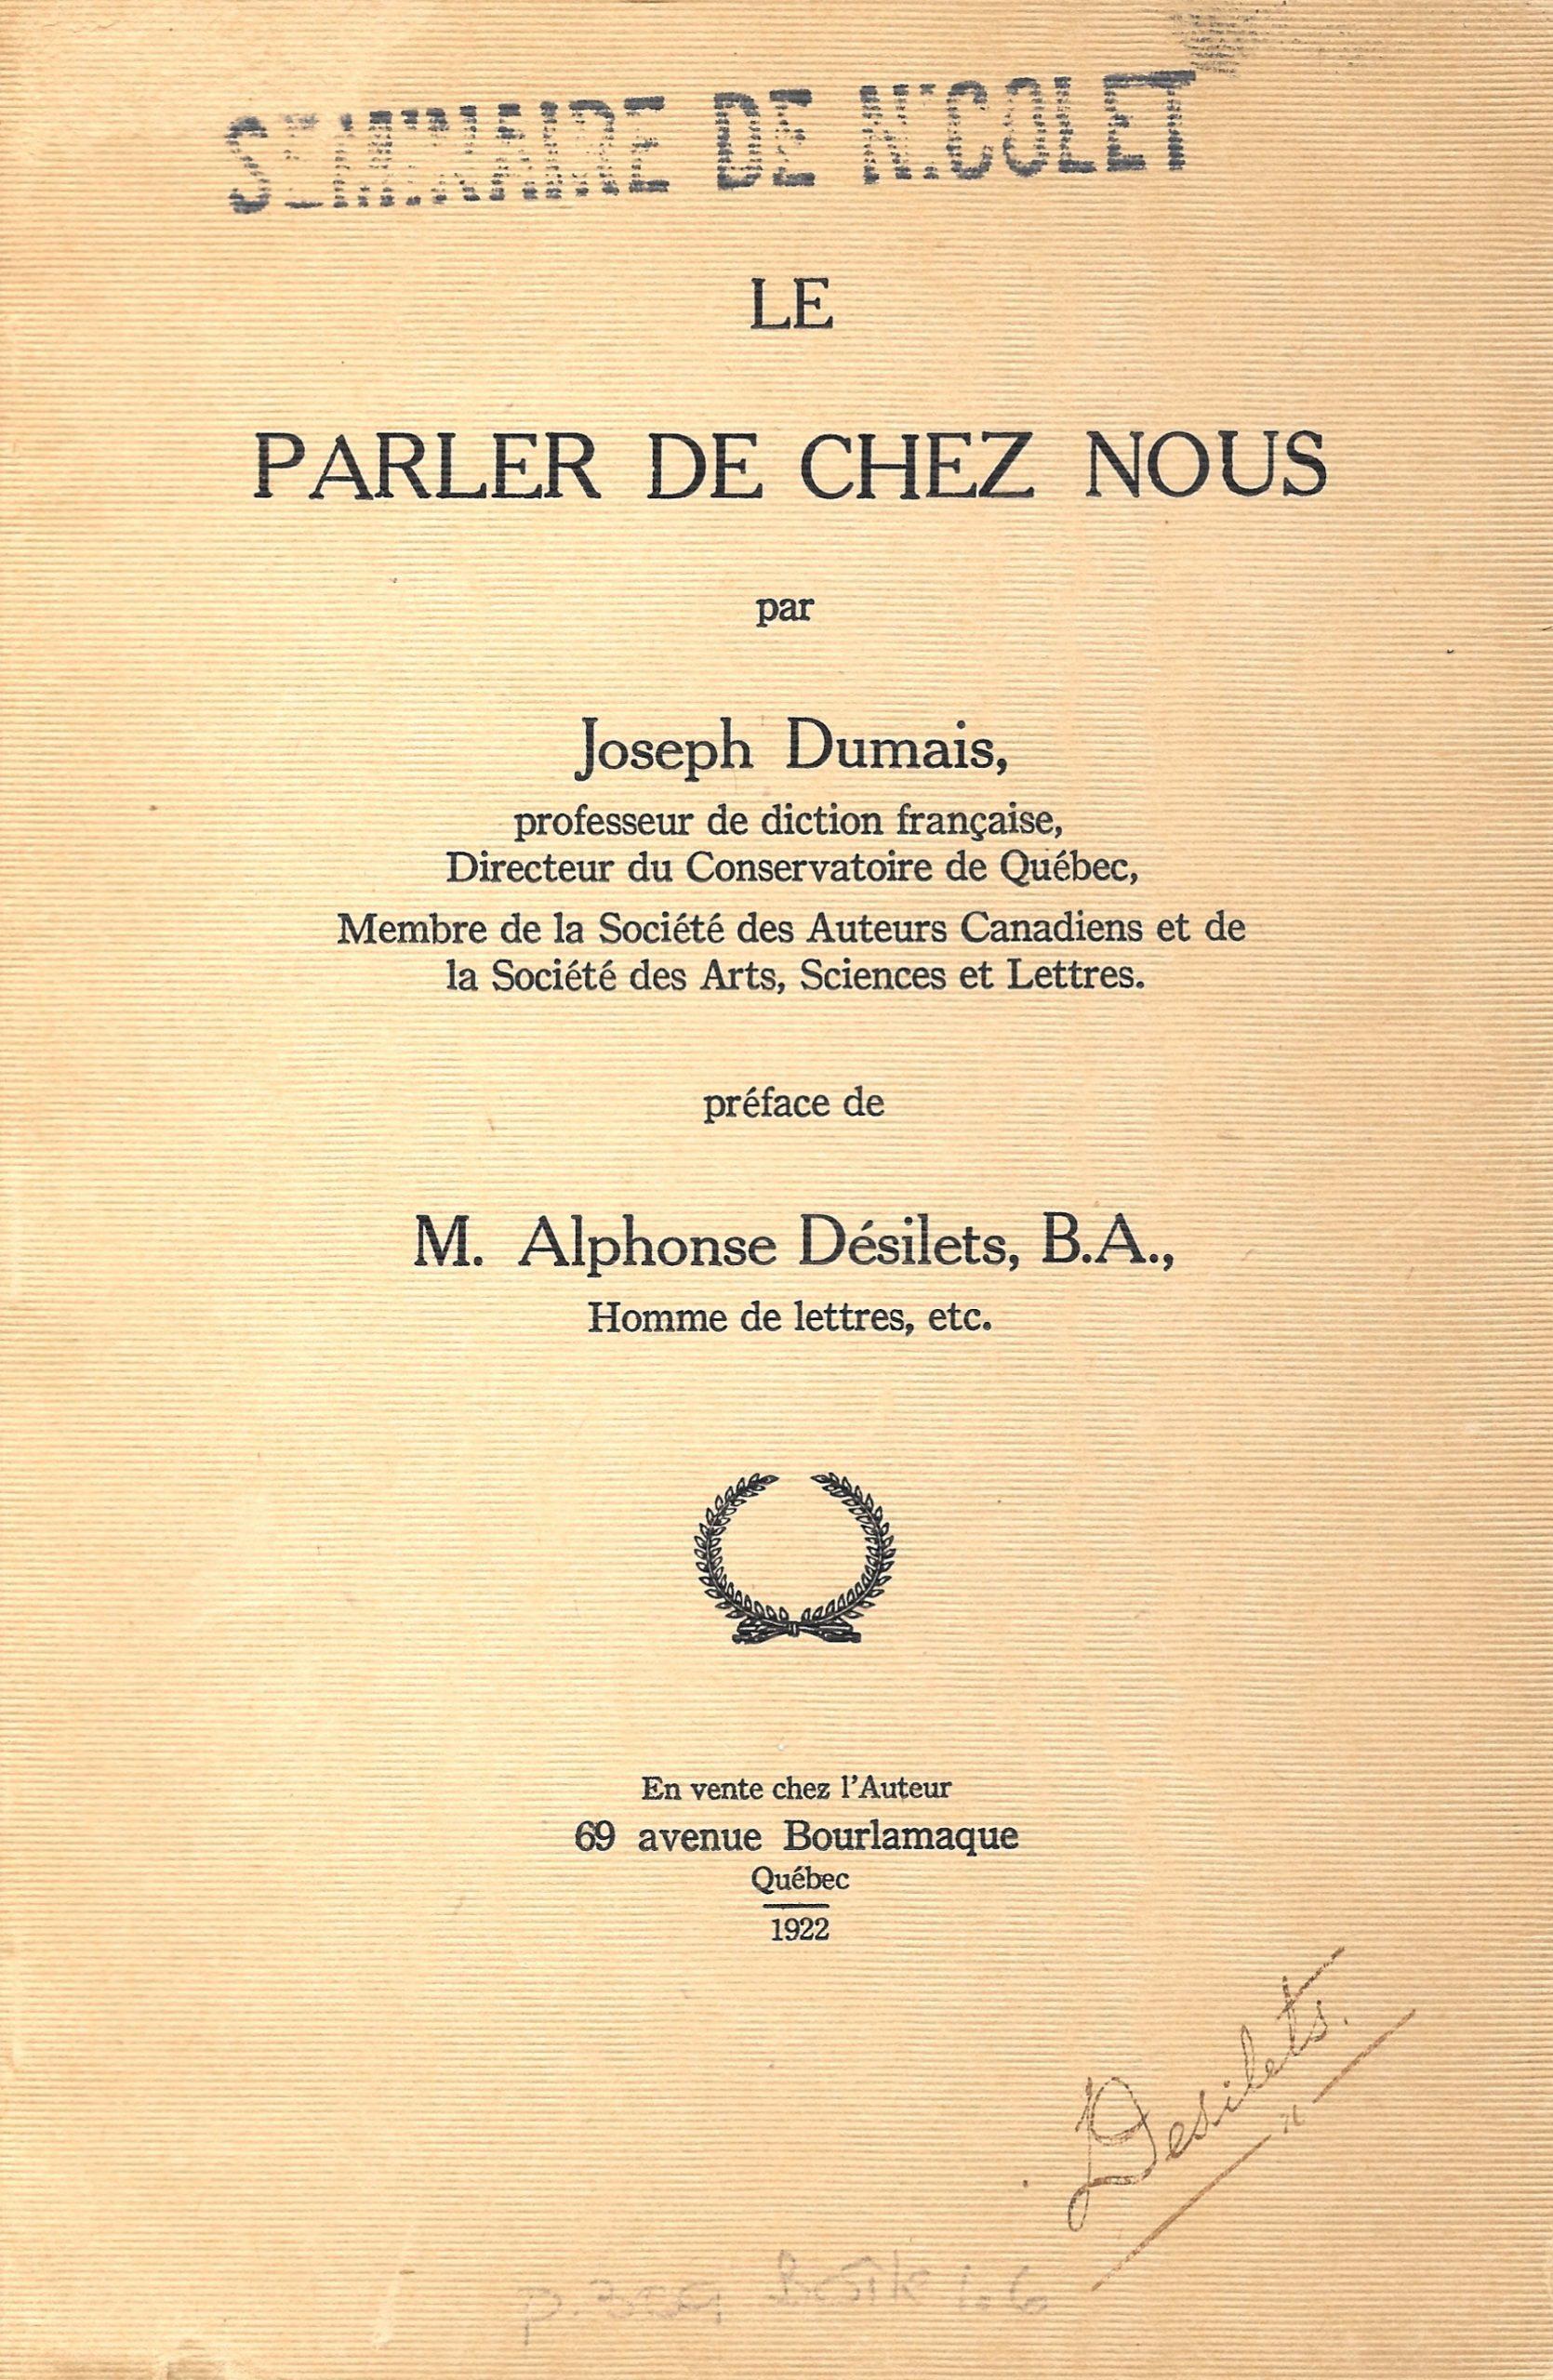 Joseph Dumais, le Parler de chez nous. 1922, couverture